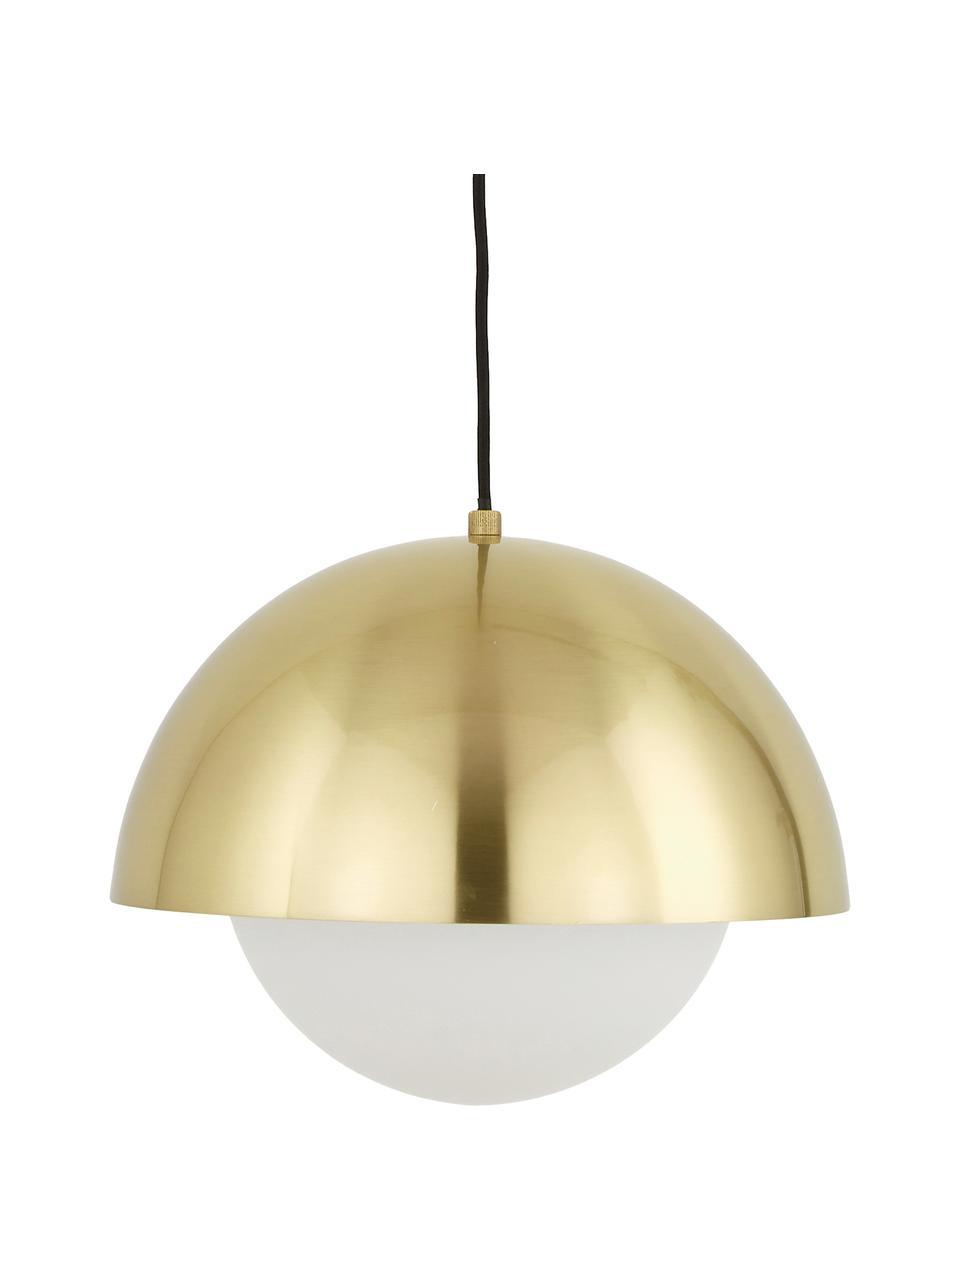 Lampa wisząca ze szkła opalowego Lucille, Mosiądz, biały, Ø 35 x W 30 cm